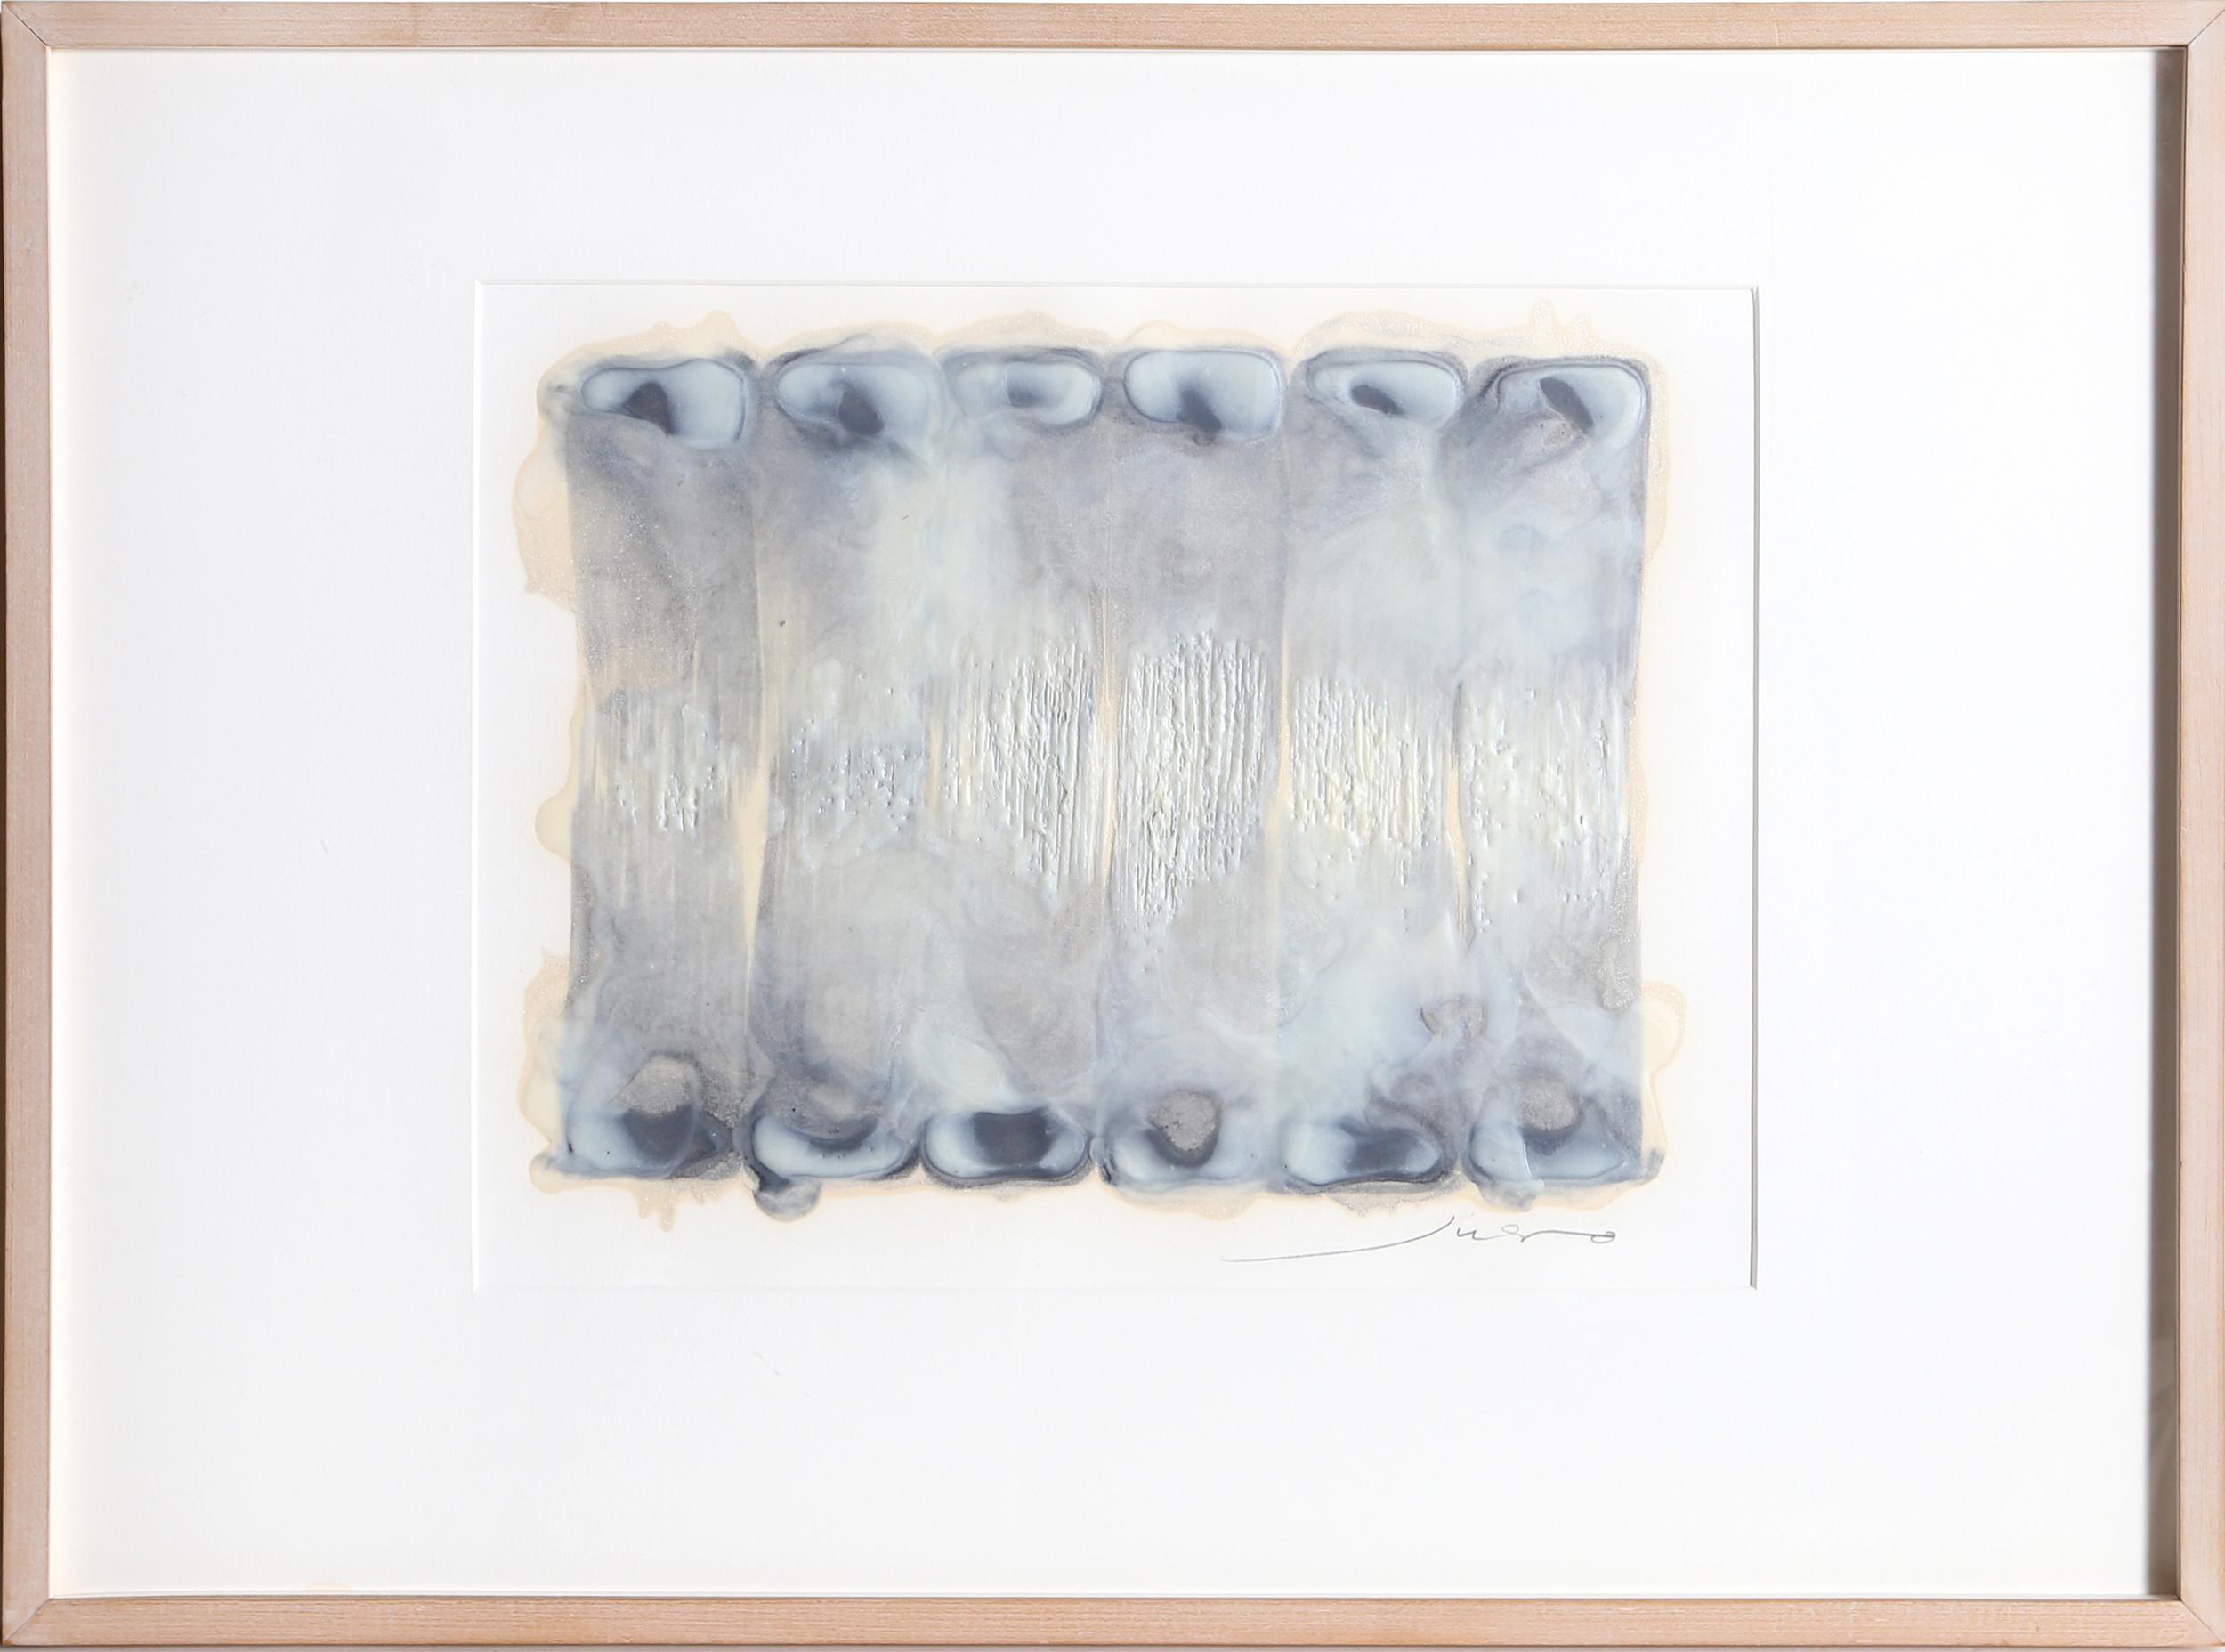 Juhachiro Takada, Untitled III, Encaustic, Sand on Canvas